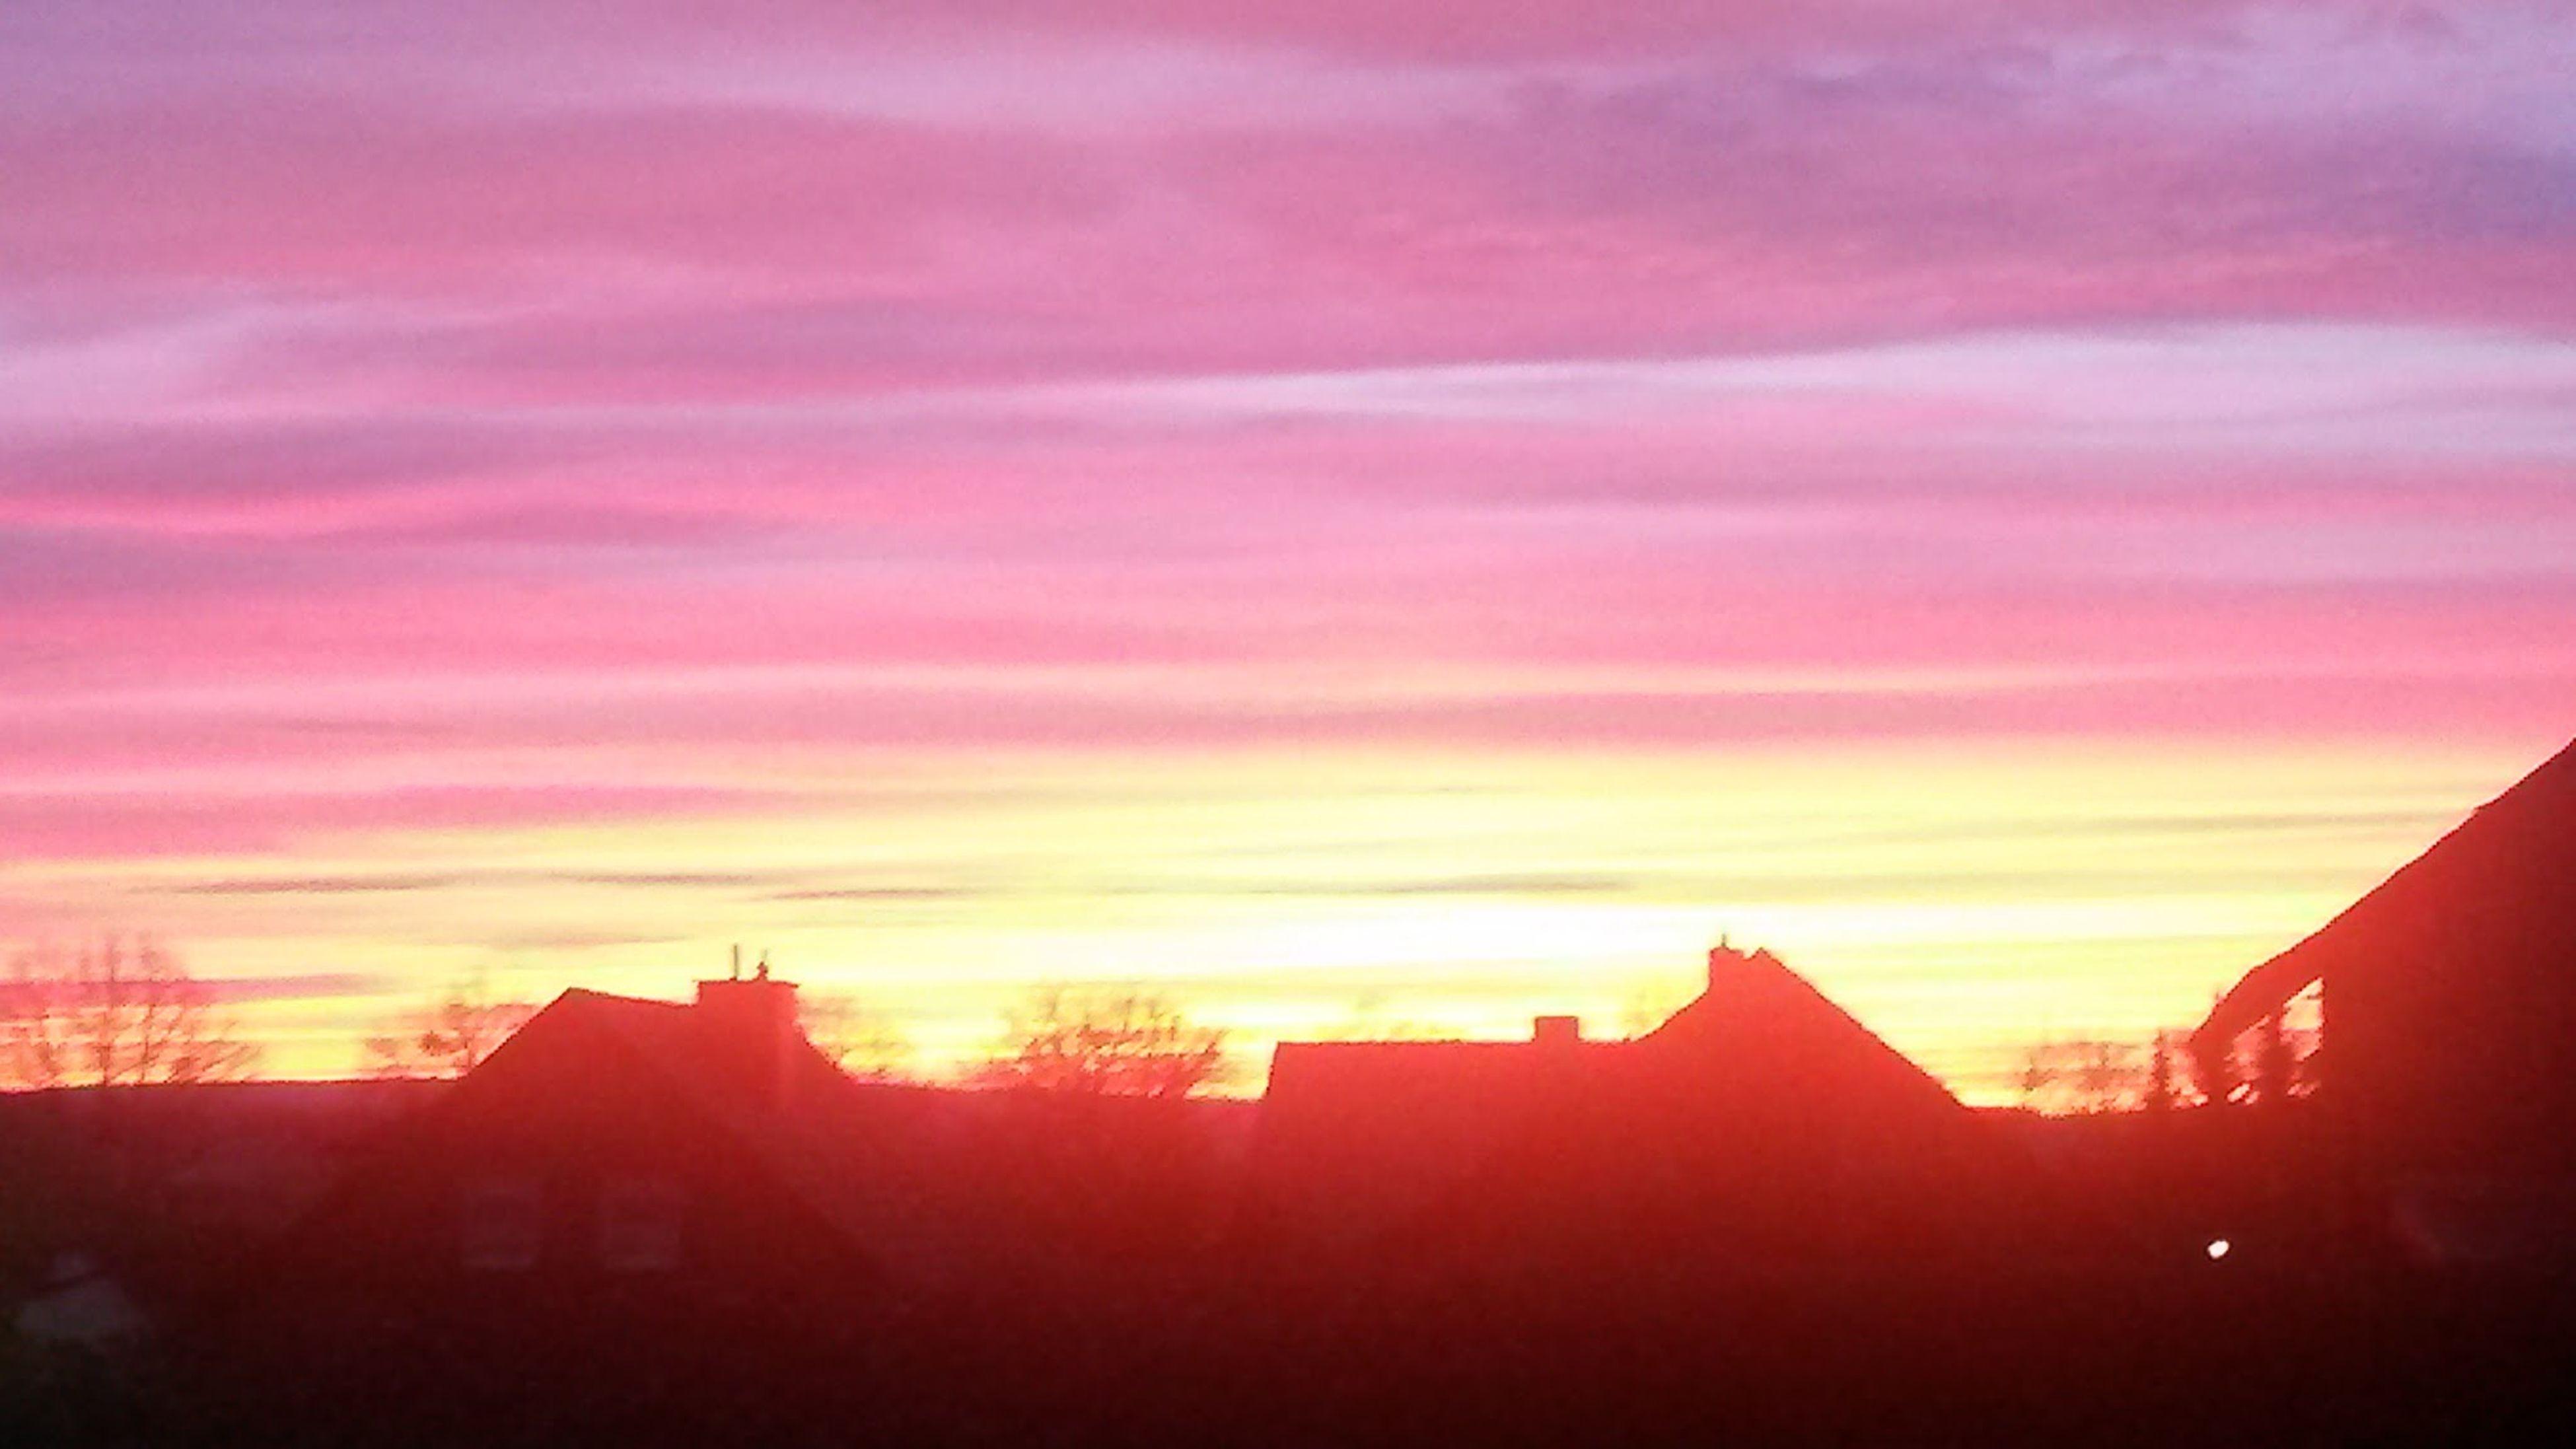 @sunset @autumn @beautiful @Eichsfeld @selfmade